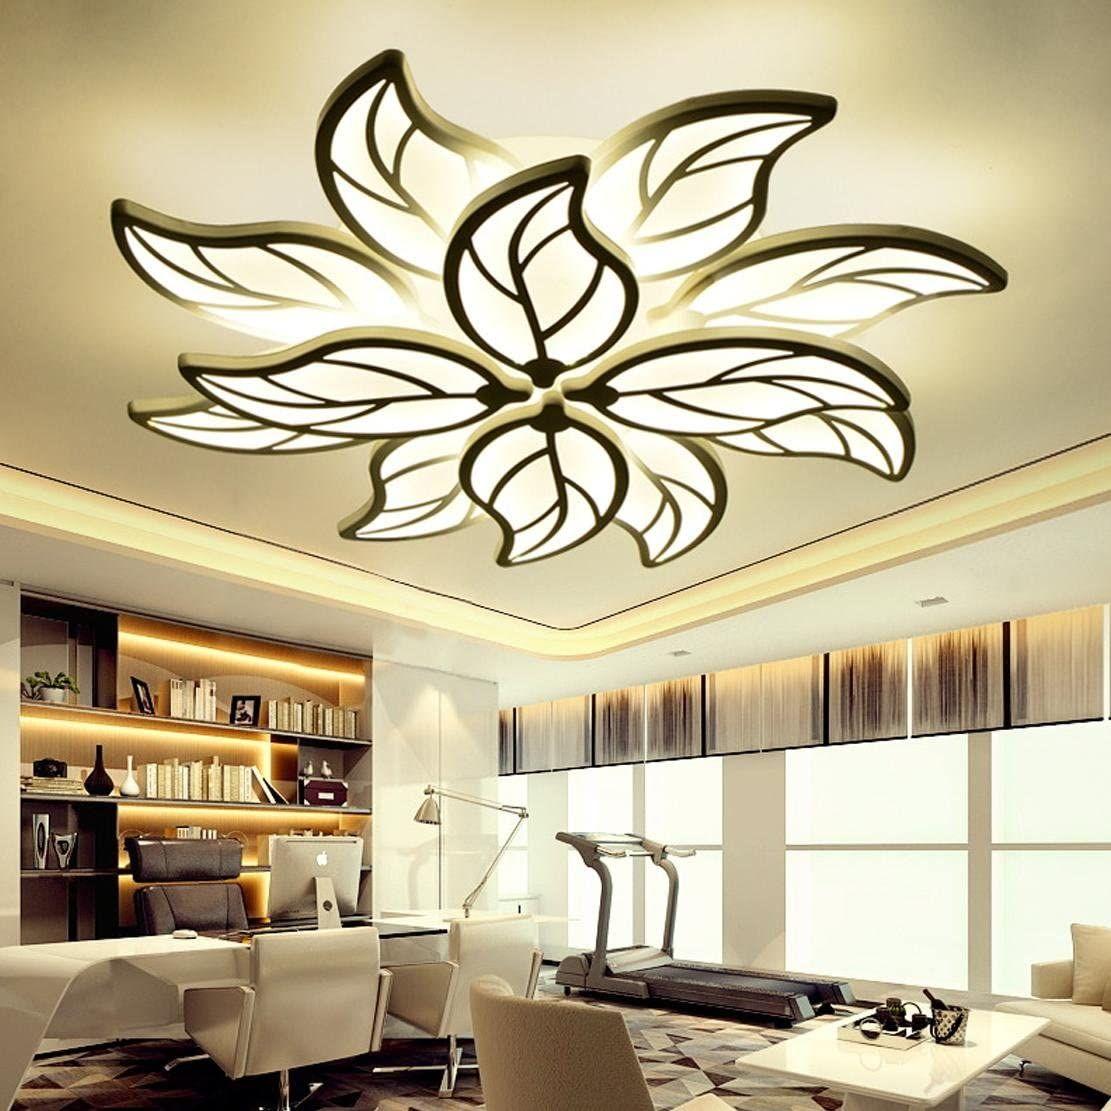 Designer Lampe in 10  Wohnzimmerlampe, Deckenlampe, Produktdesign